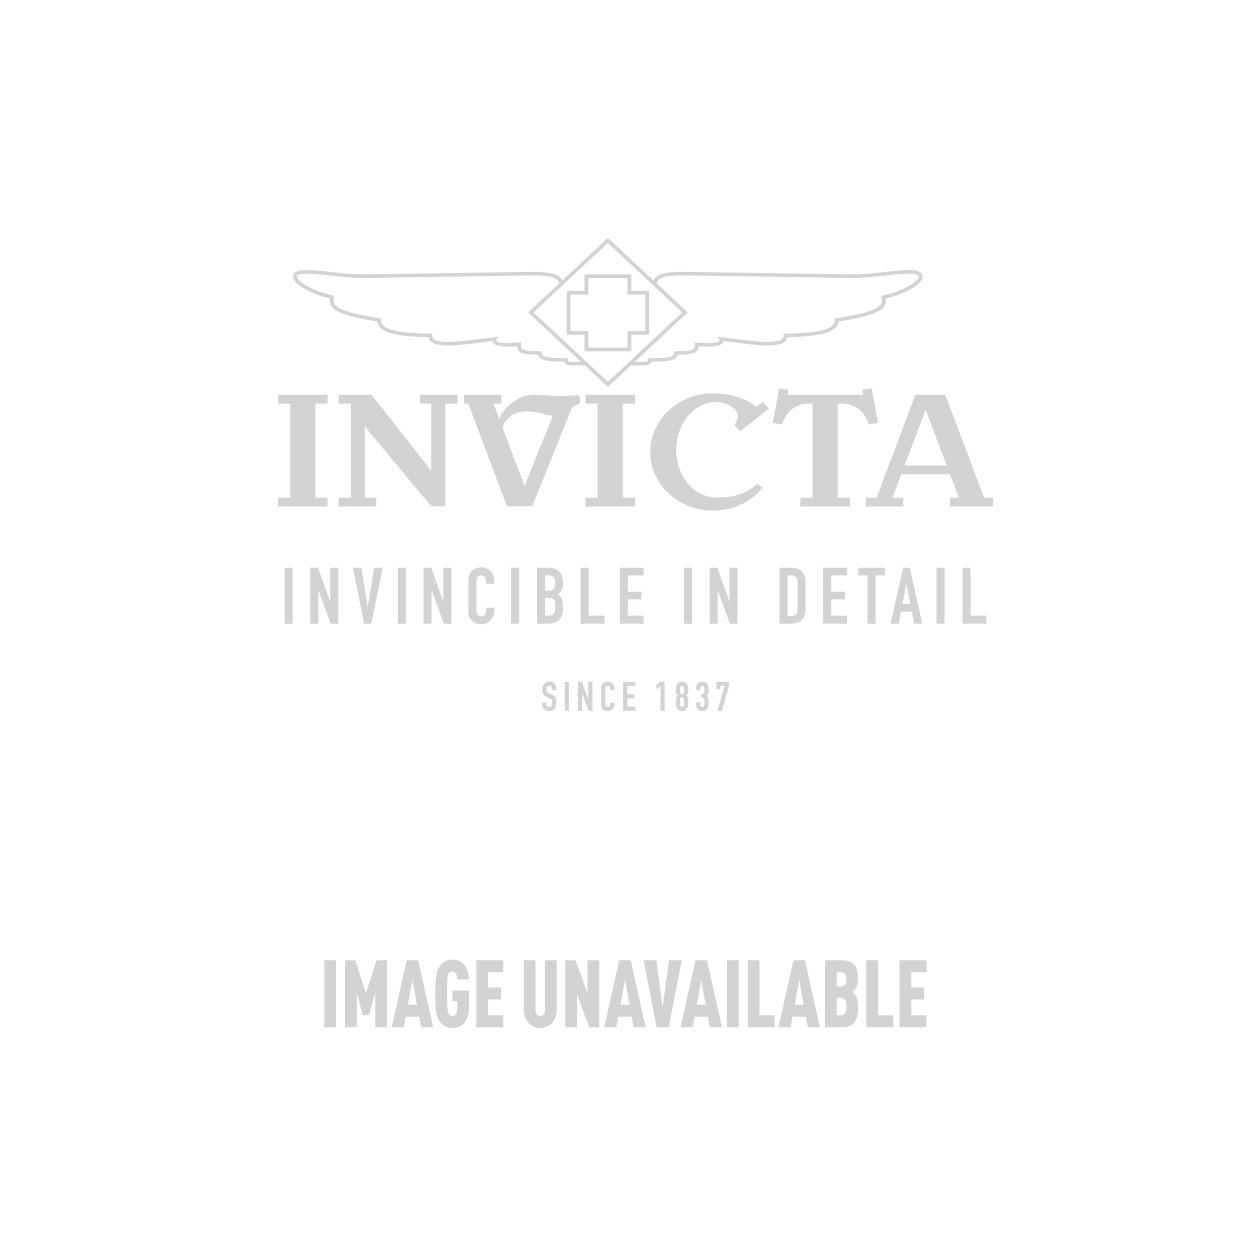 Invicta Model  22115